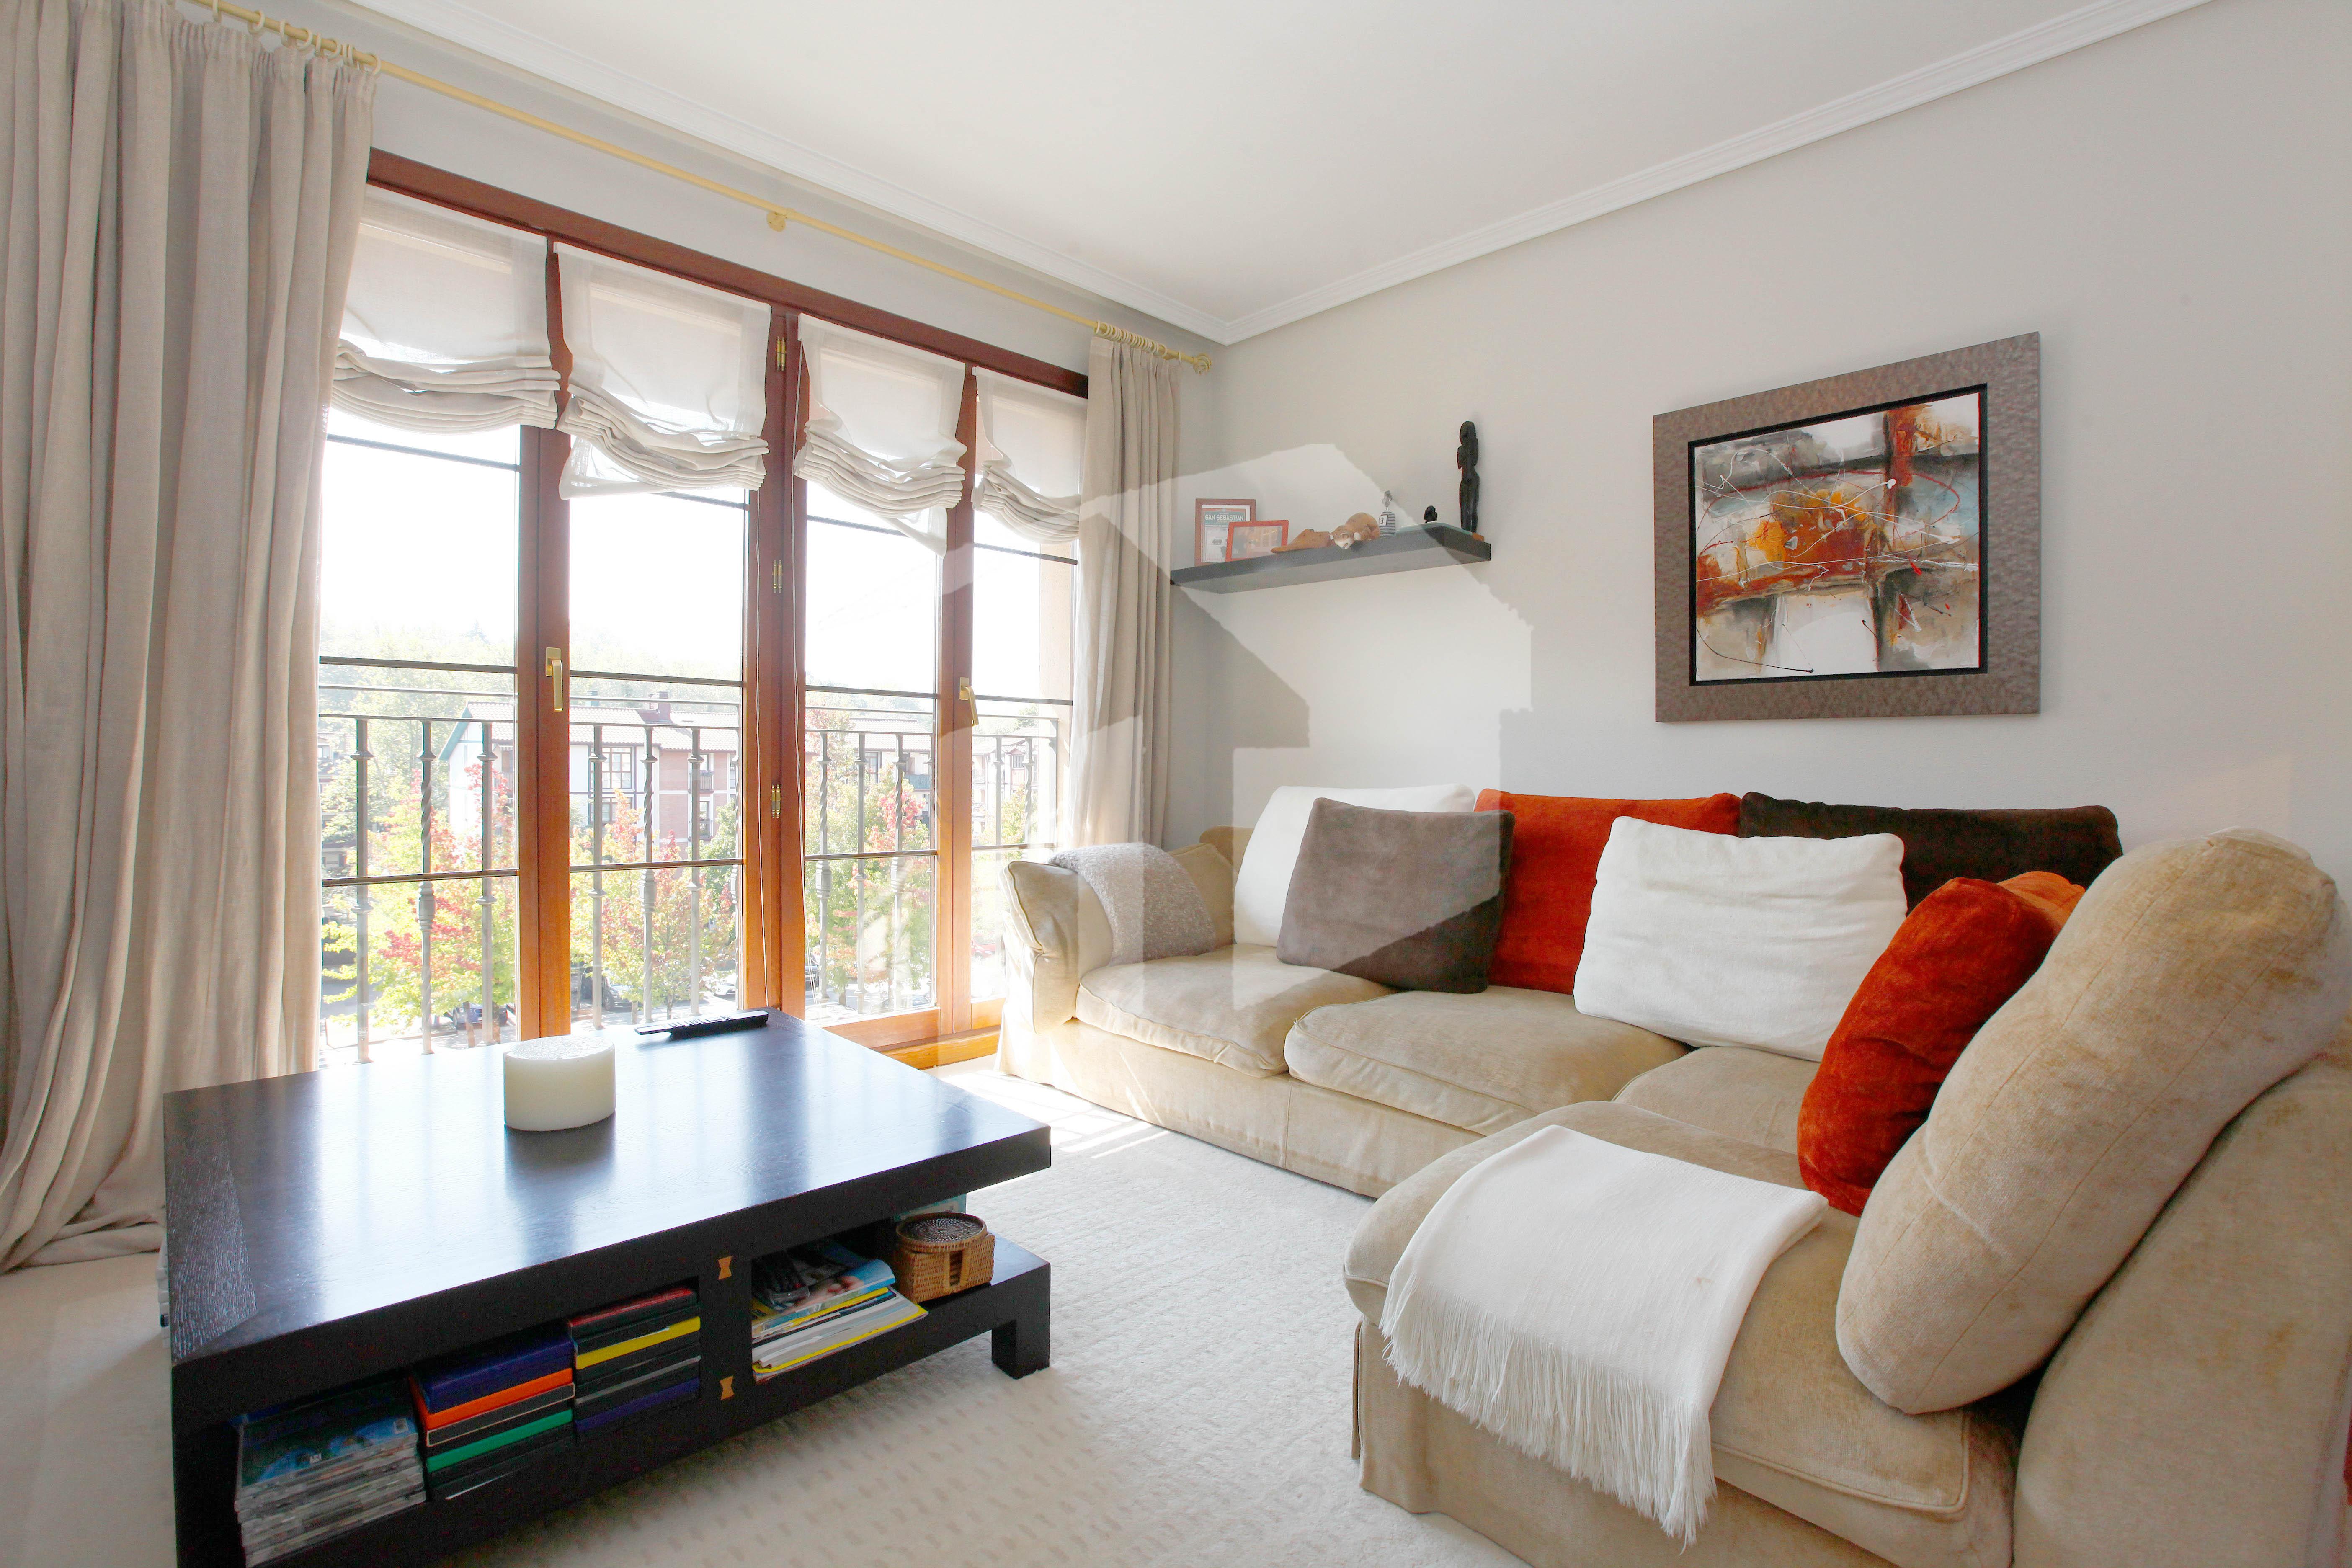 Bonito piso de 100m2 const. 3 habitaciones y 2 baños. situado en el barrio de Urdanibia Berri de Irún.